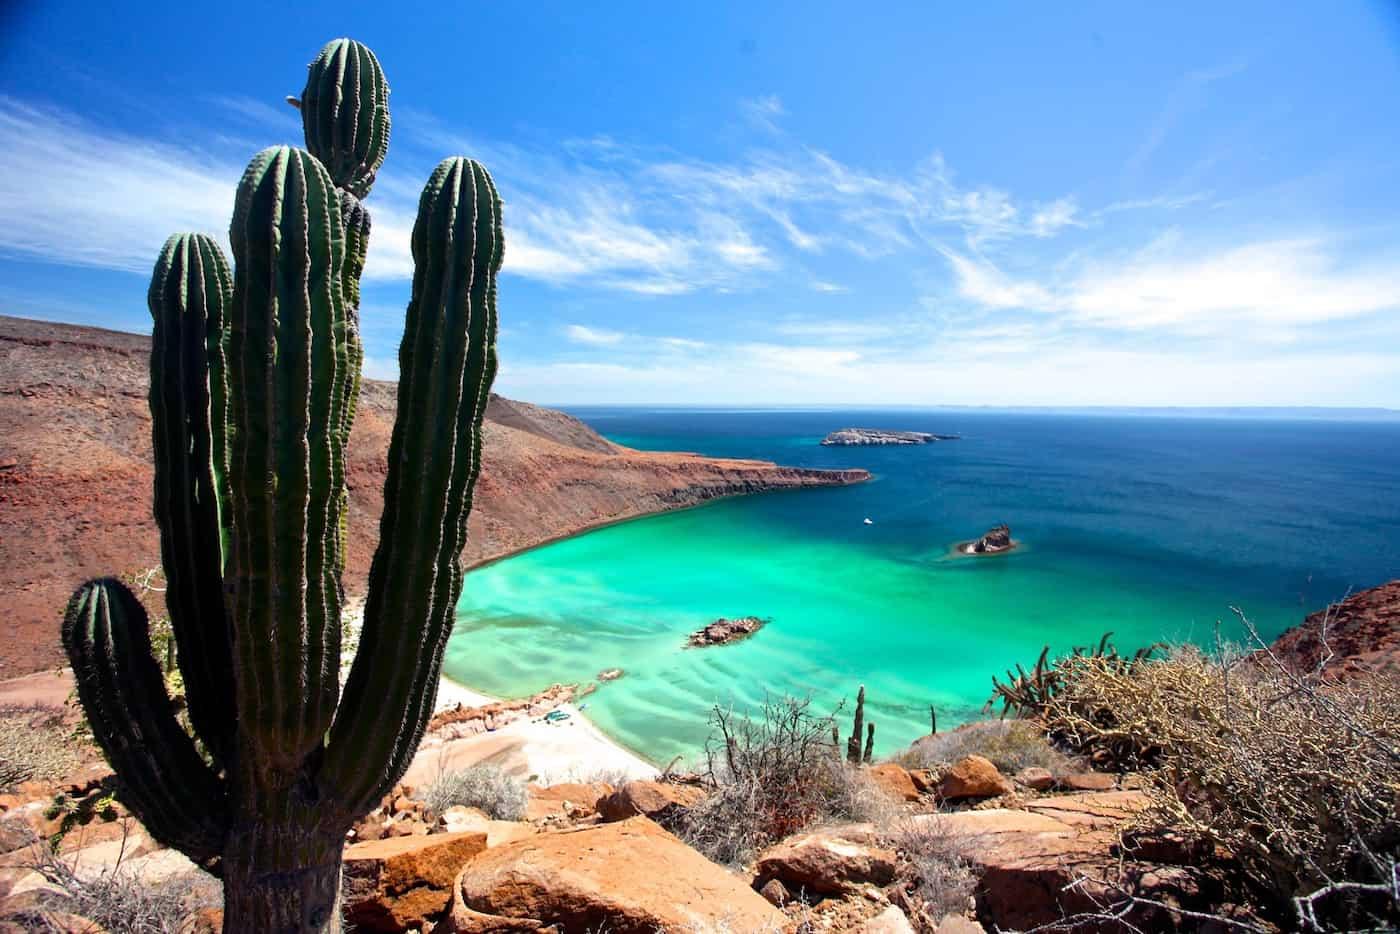 Islas mexicanas: Espíritu Santo